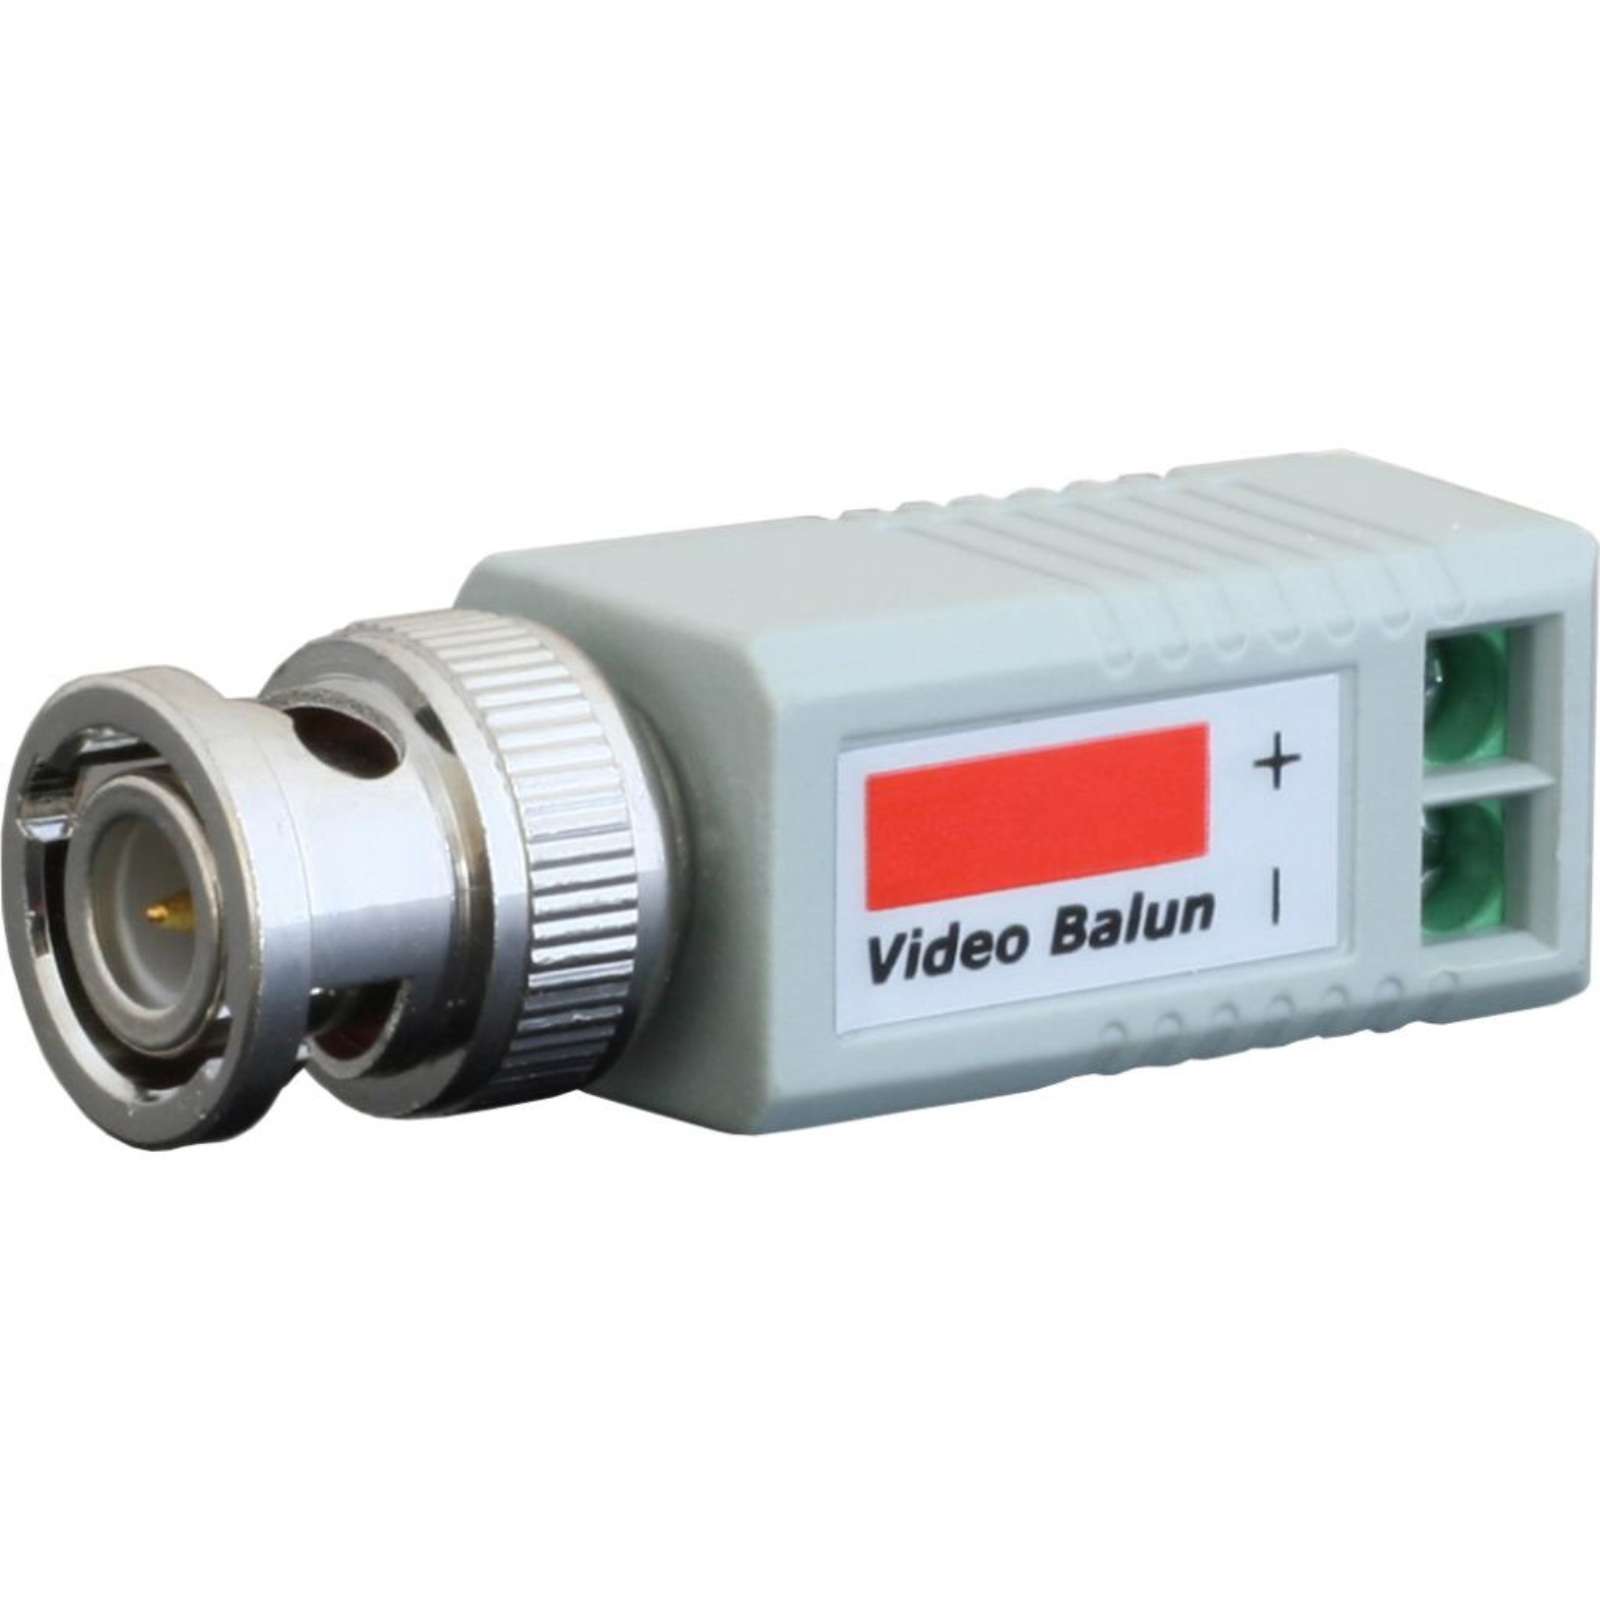 Приемо-передатчик GreenVision GV-01P-02 (3575) изображение 2